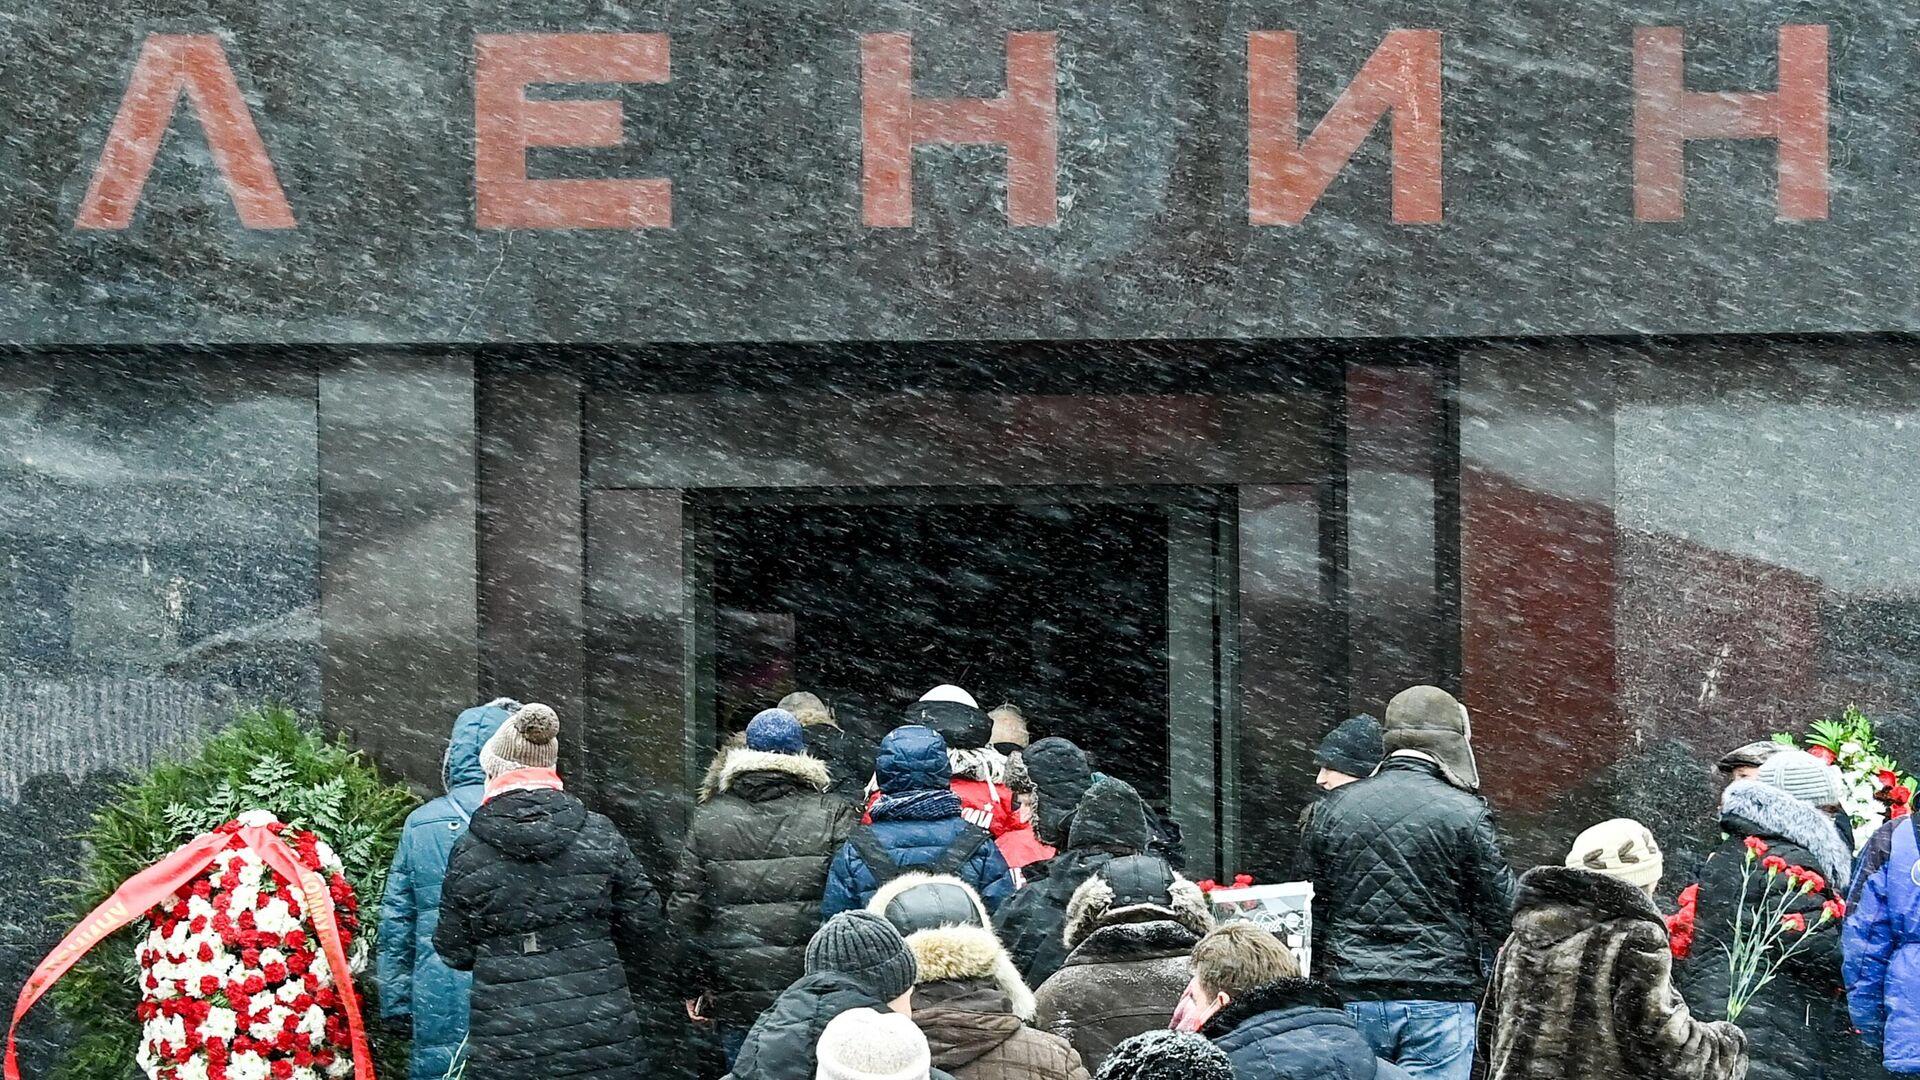 Сторонники КПРФ на церемонии возложения цветов к Мавзолею В. И. Ленина на Красной площади в Москве - РИА Новости, 1920, 12.04.2021